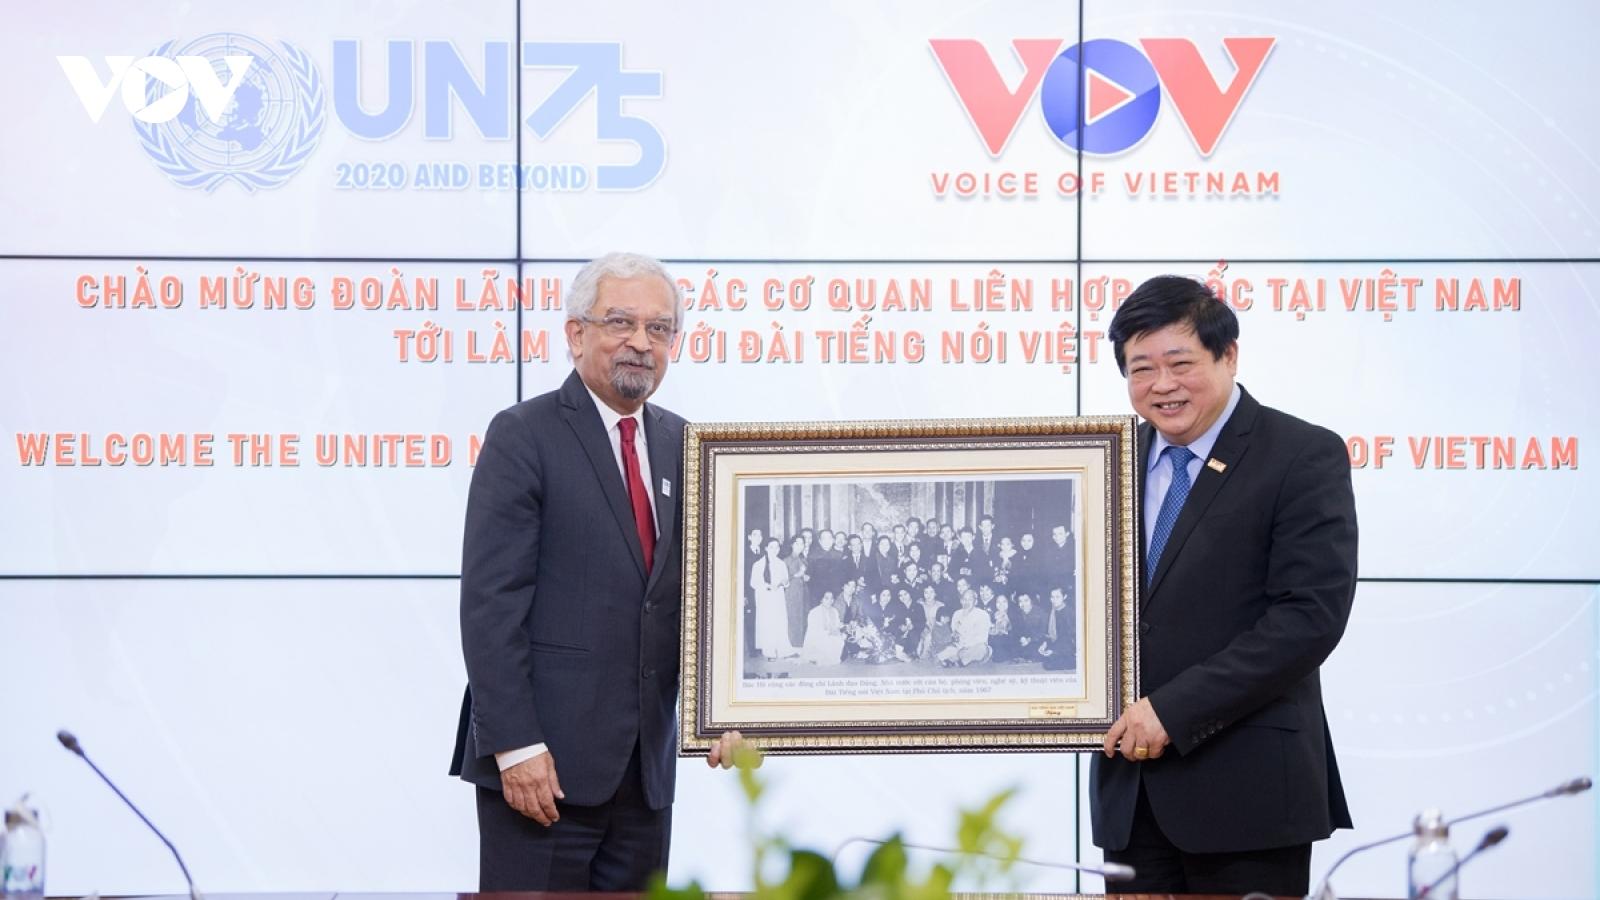 VOV bàn cơ hội hợp tác với các cơ quan Liên Hợp Quốc tại Việt Nam